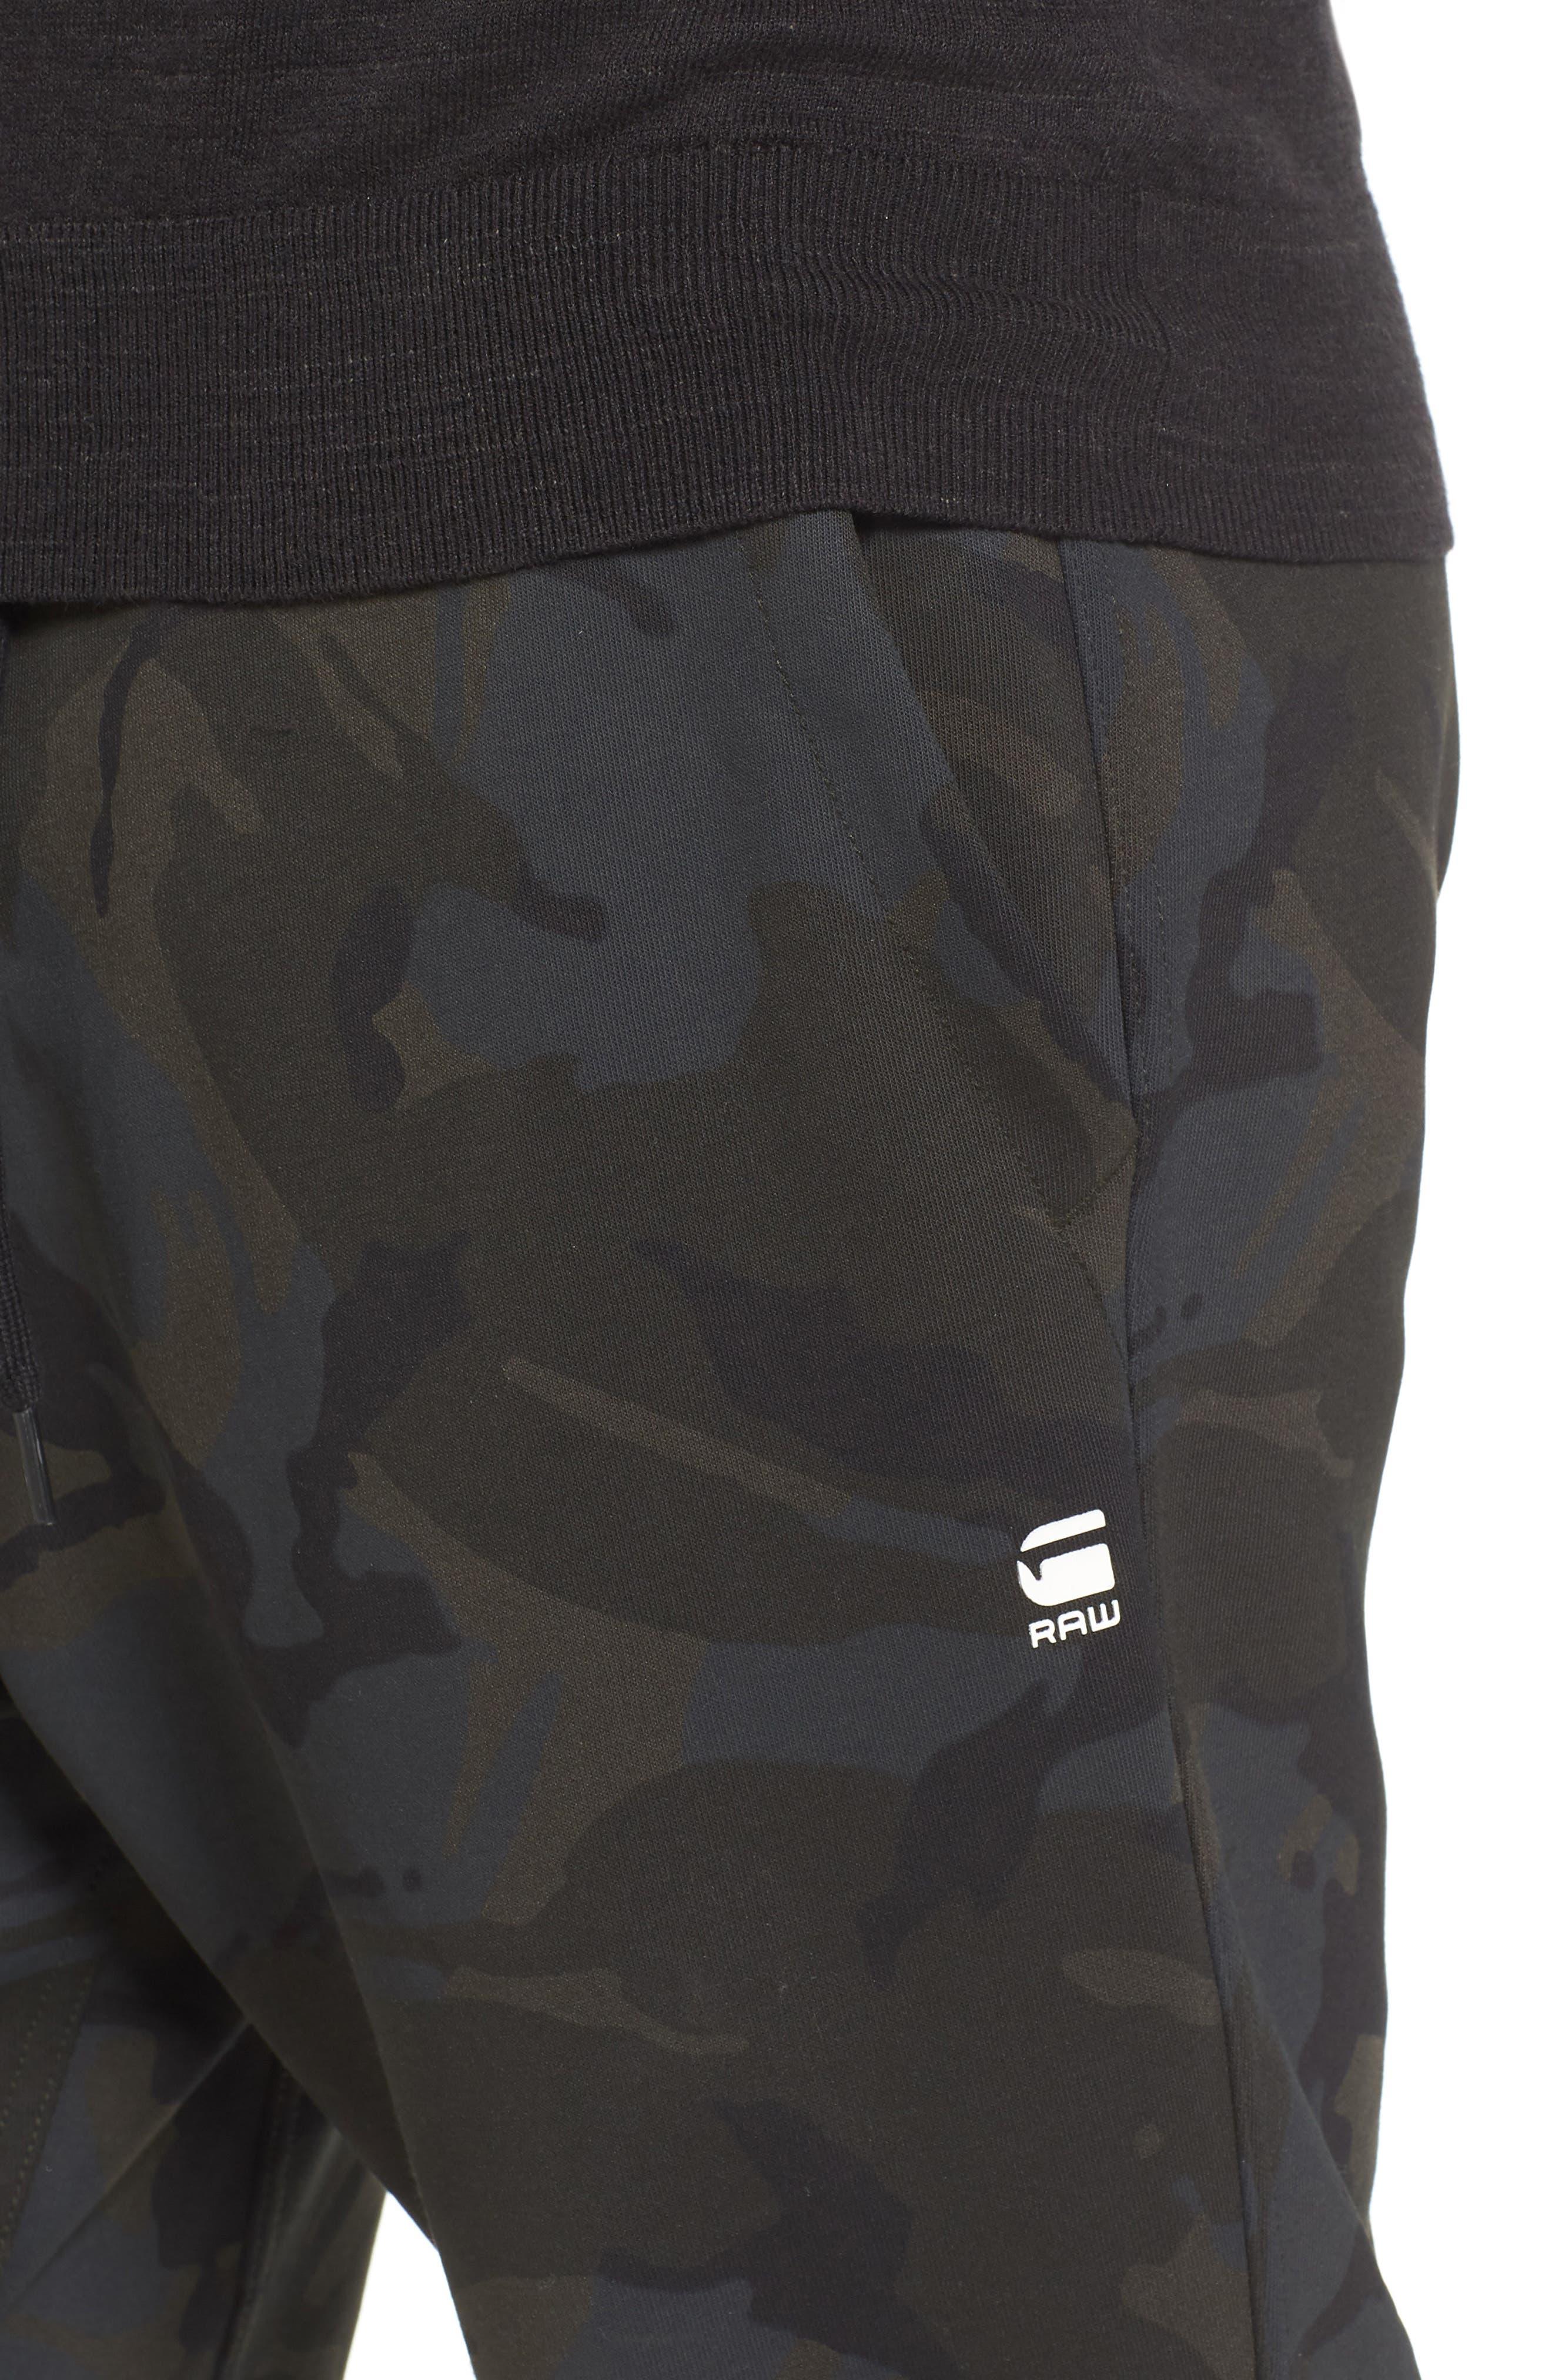 Core Crop Sweatpants,                             Alternate thumbnail 4, color,                             020